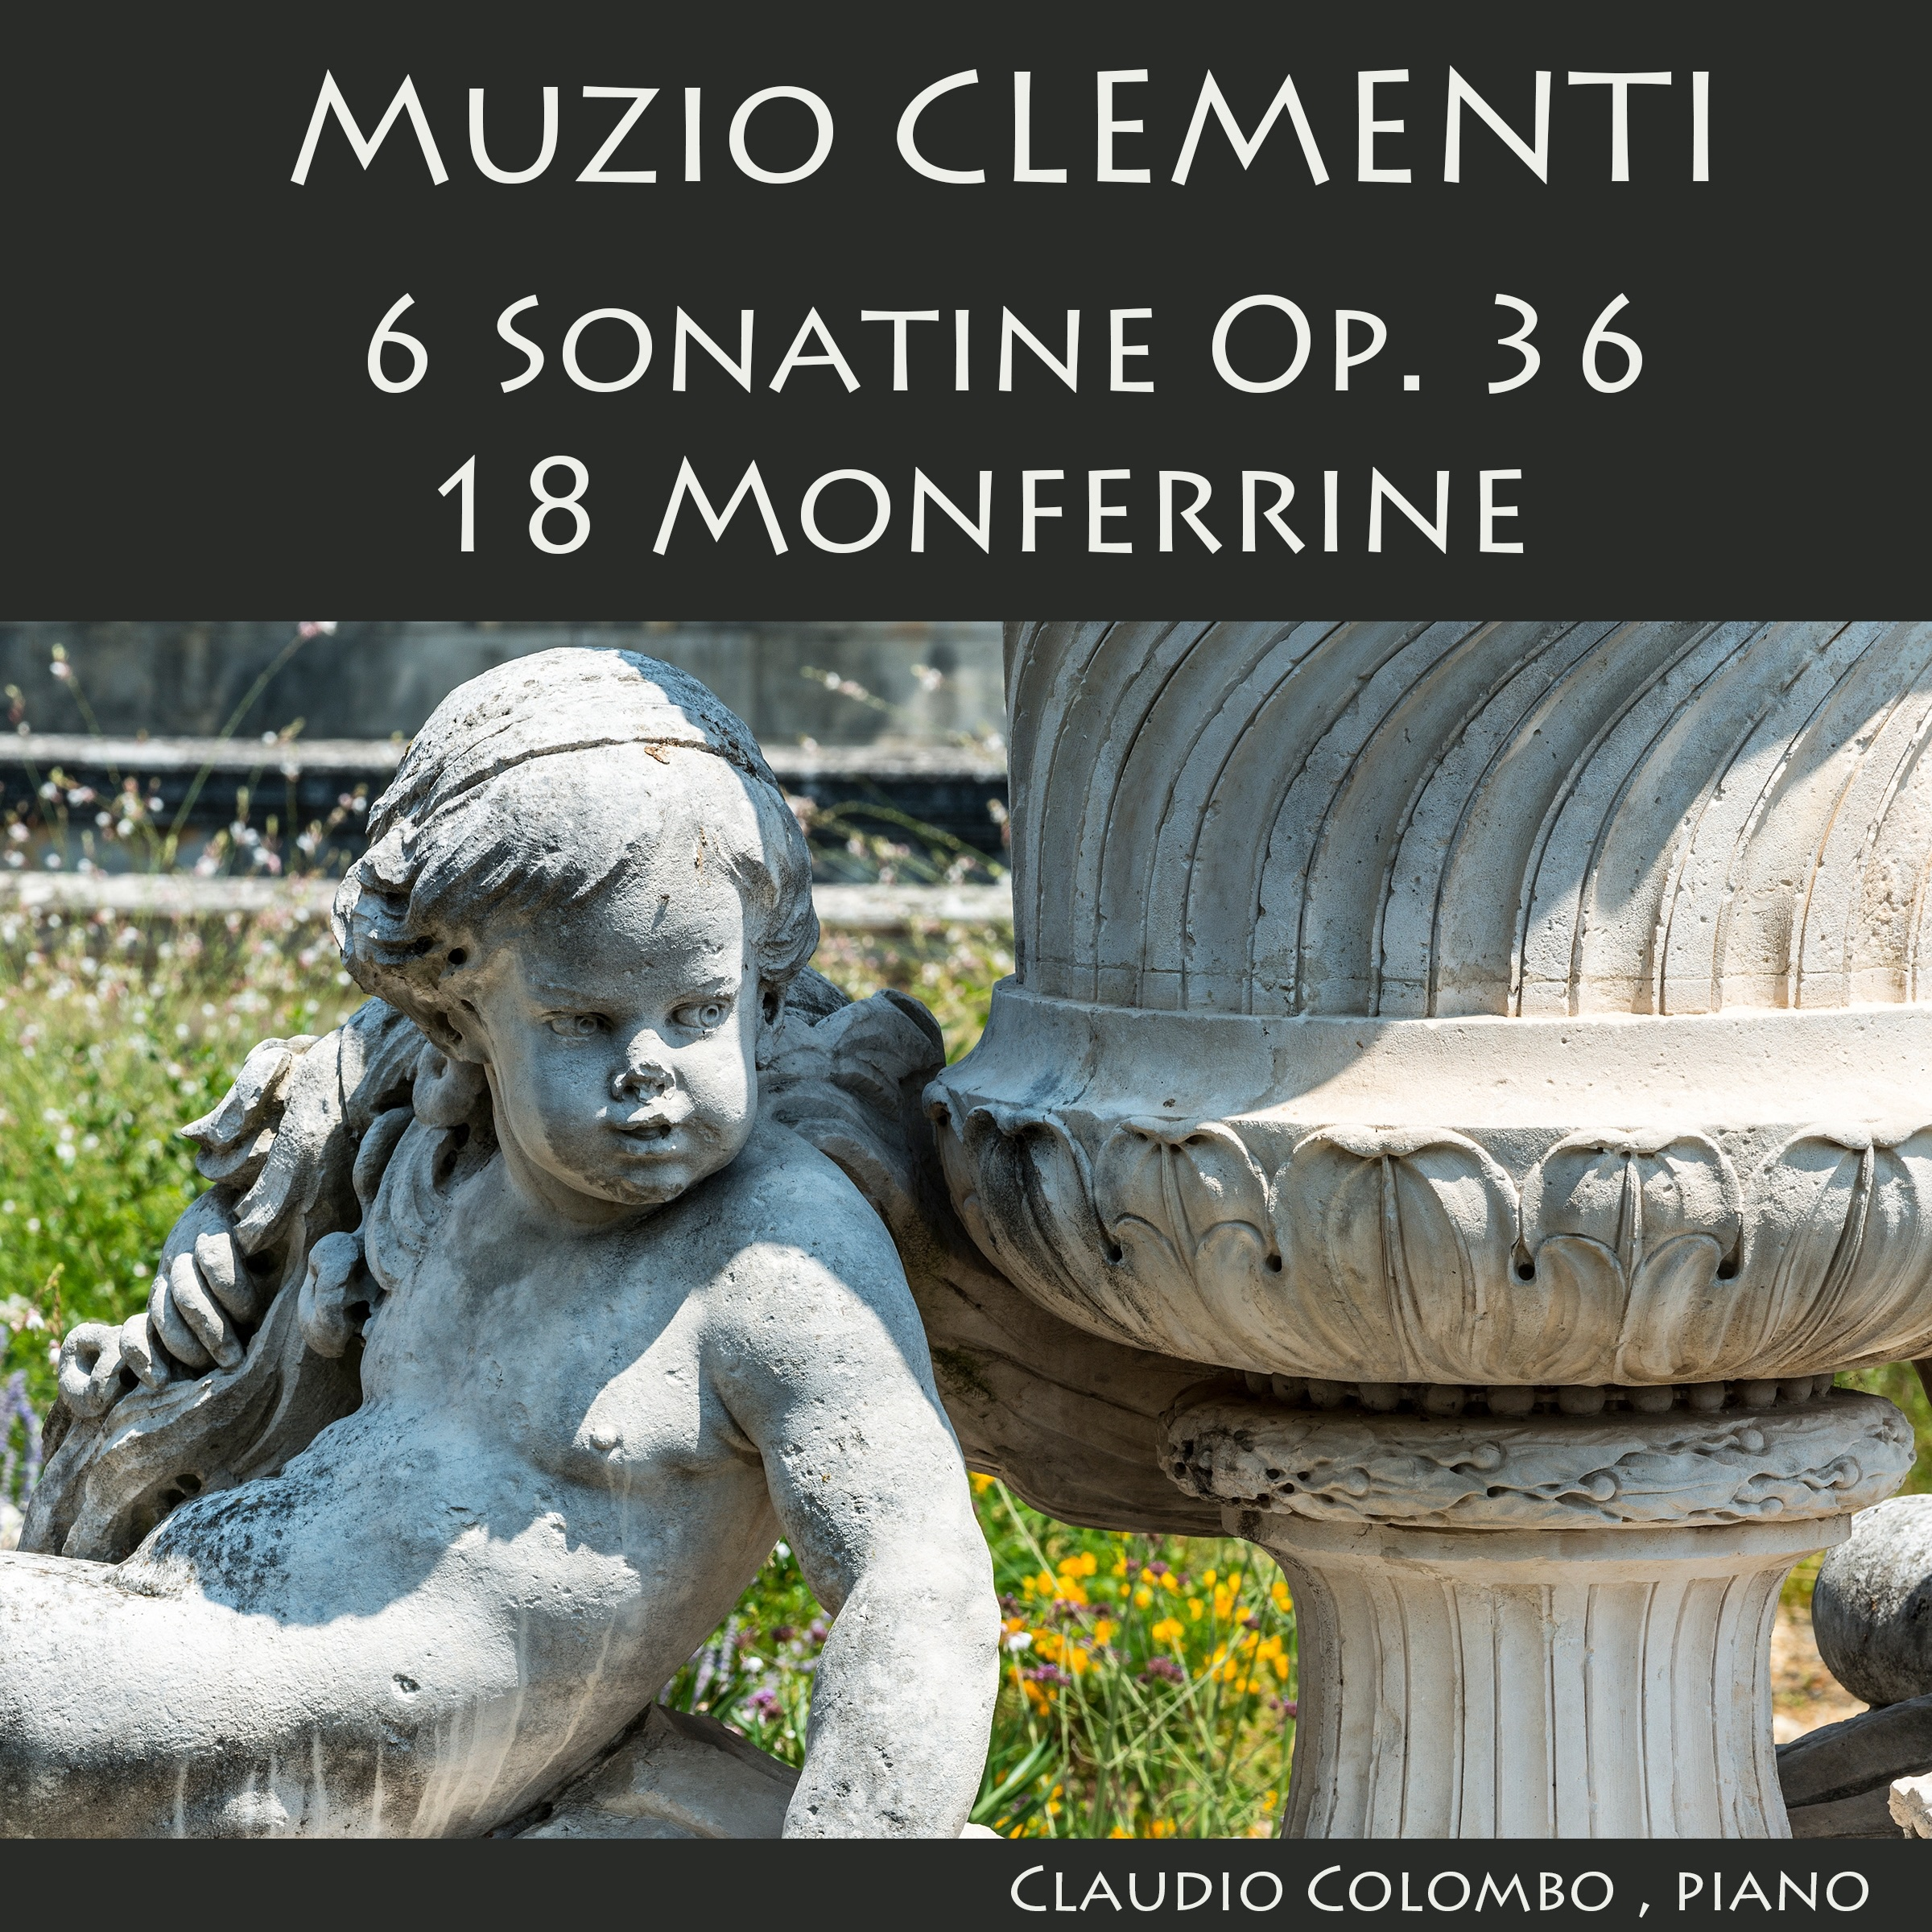 Sonatina in C Major Op. 36 No. 1: I. Allegro